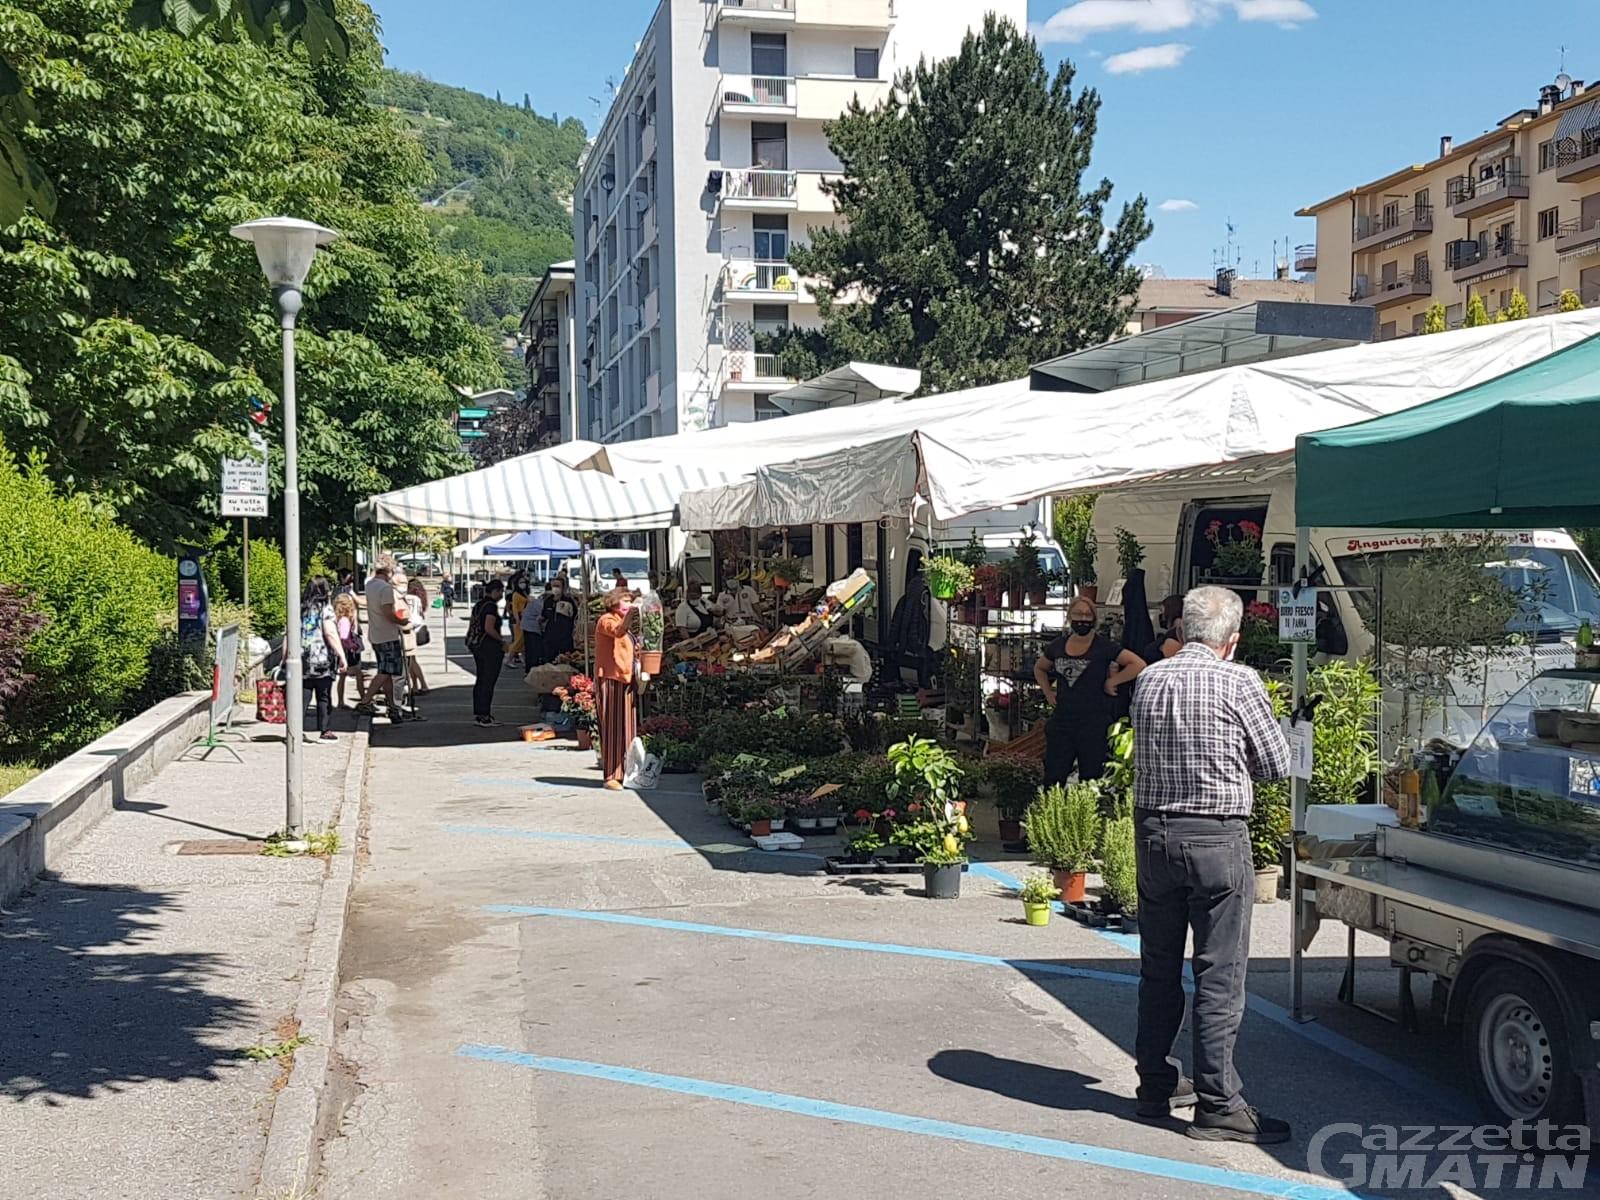 Aosta: banchi del mercato troppo vicini, «modalità sperimentale, ma i vigili controllano»